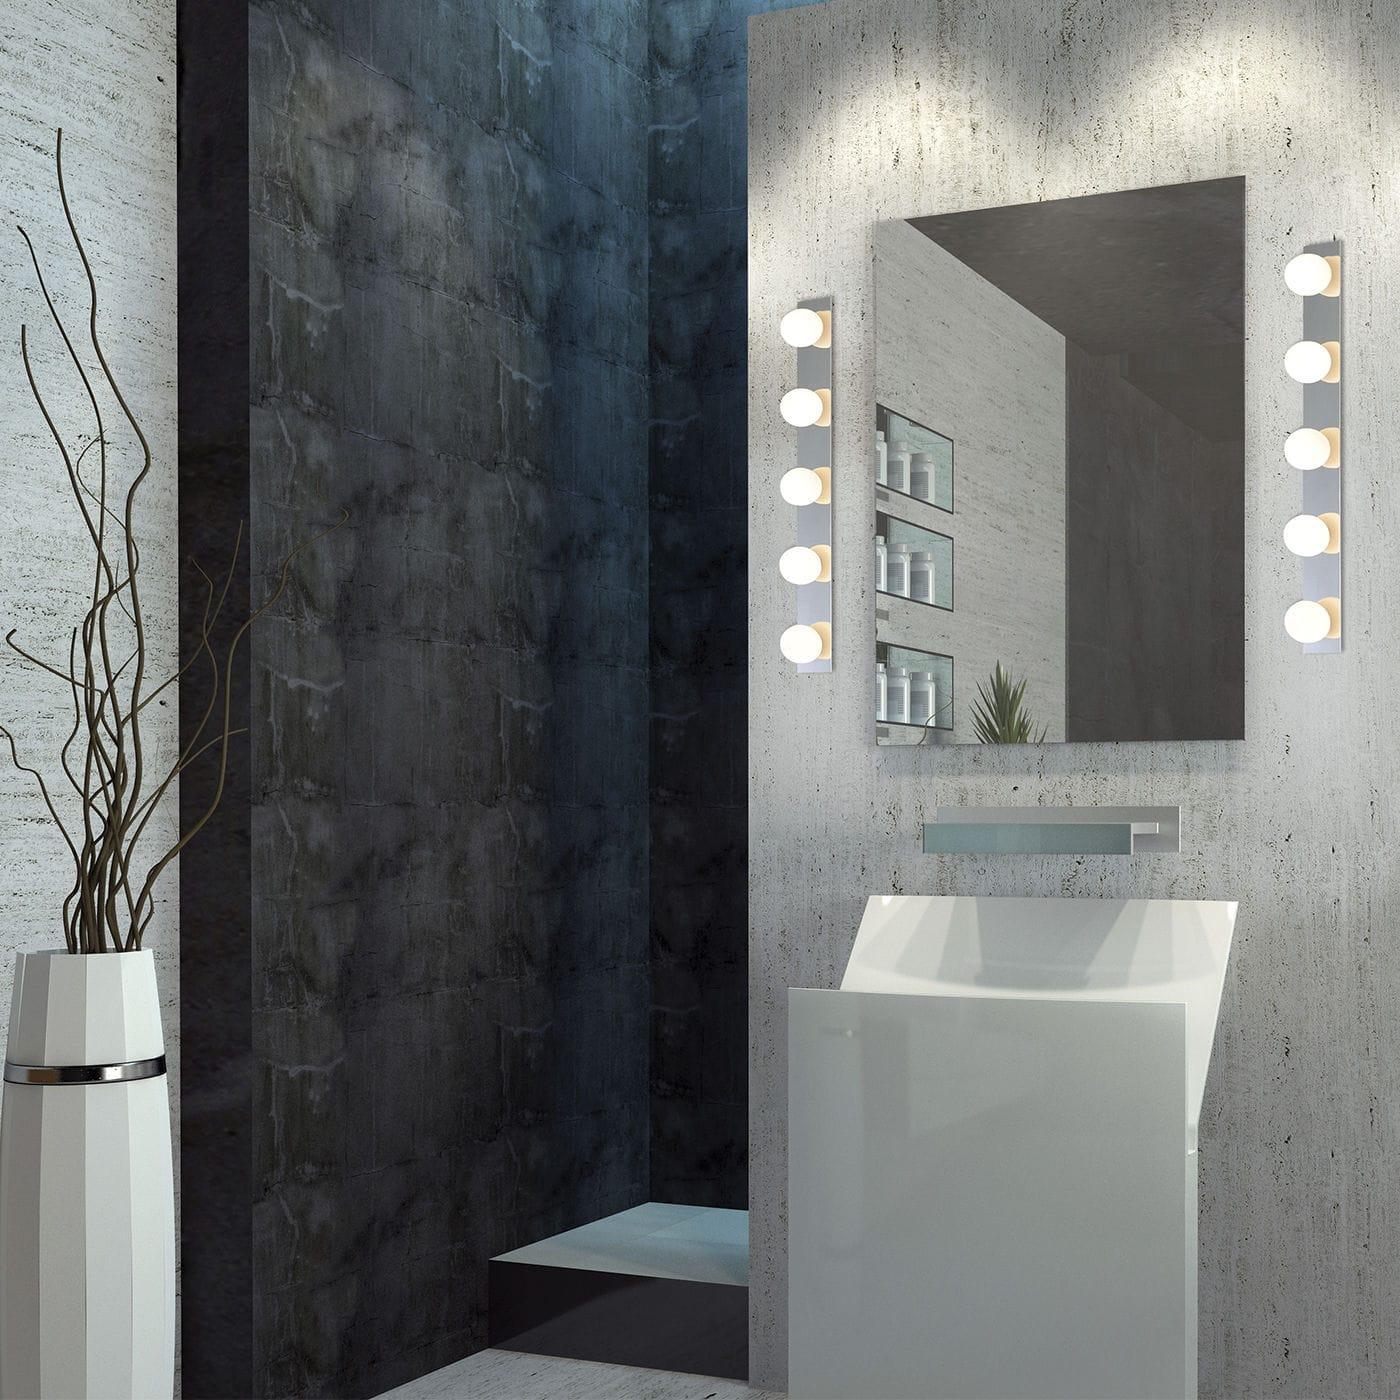 Aplique contemporáneo - BULBSTRIP - Top Light GmbH & Co ...